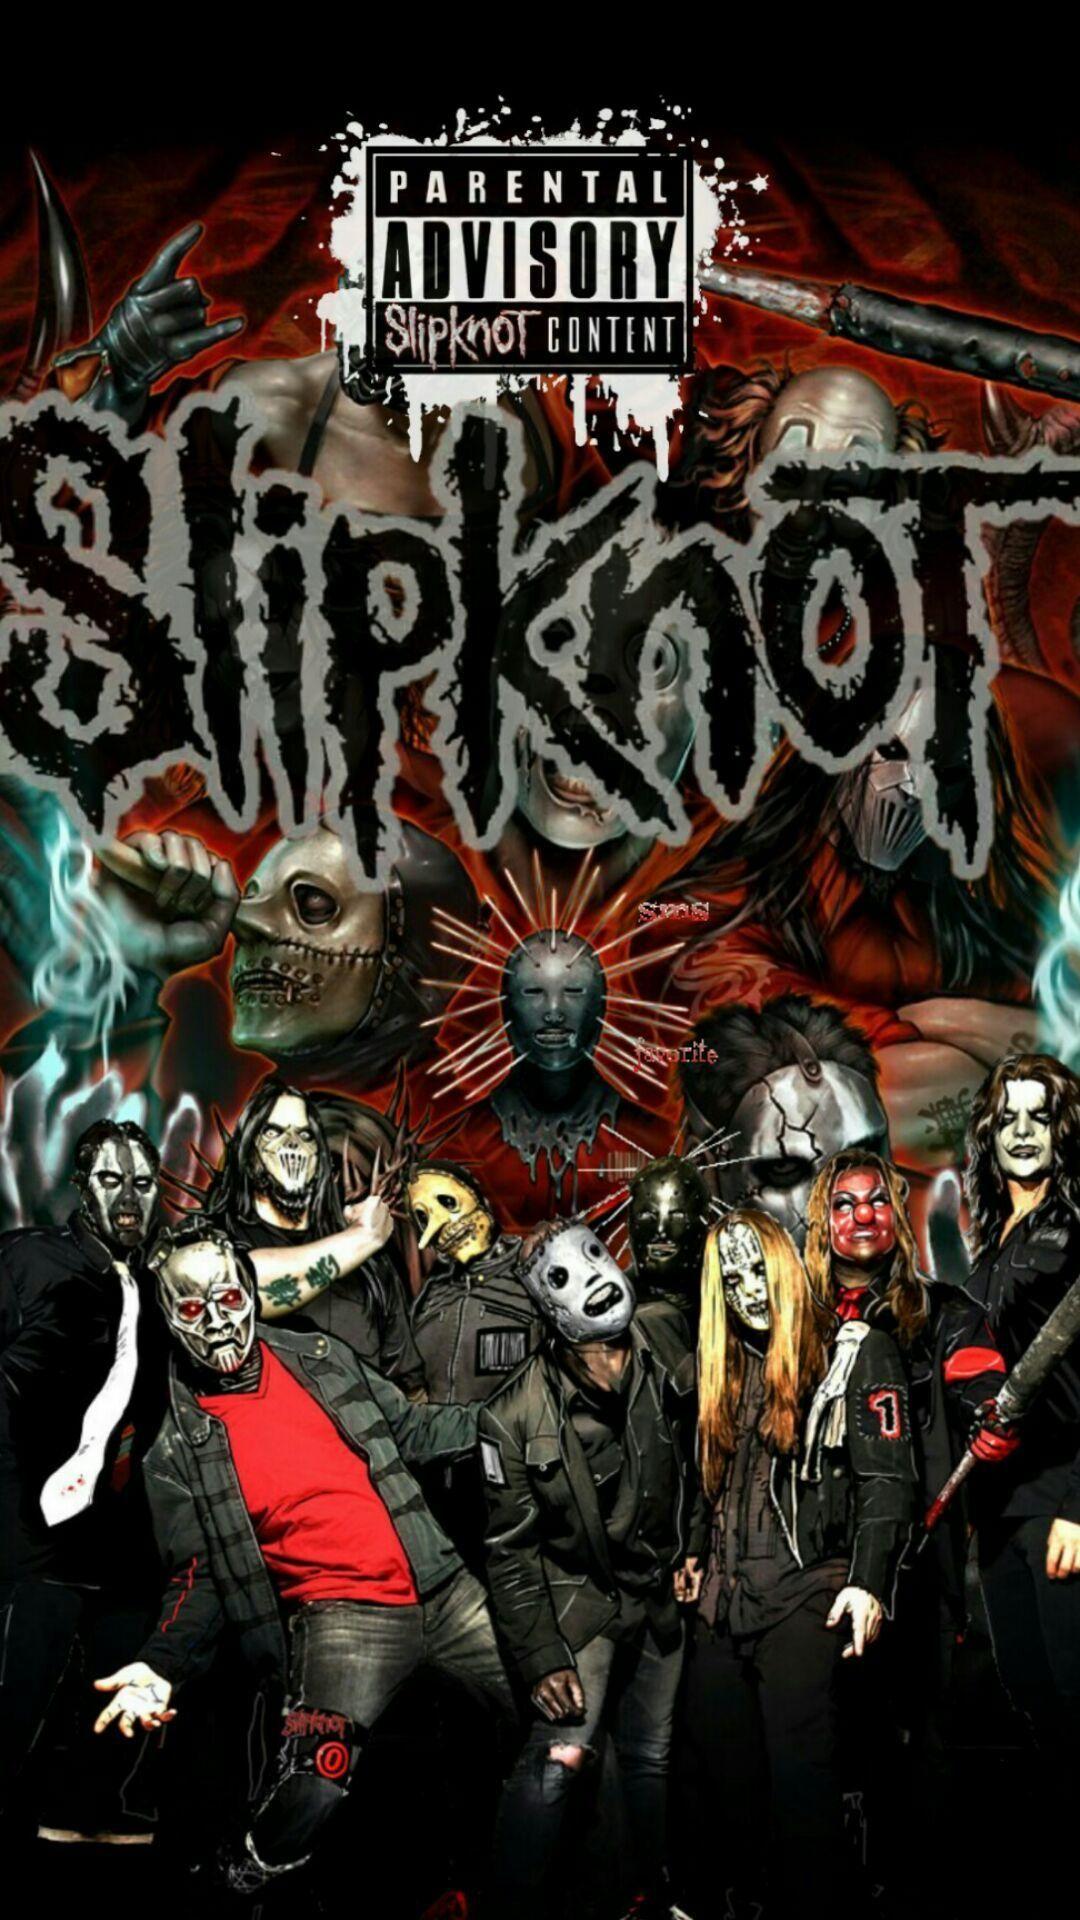 Imágenes de Heavy Metal para fondo de pantalla celular Slipknot - Wallpapers para smartphones y pc para descargar